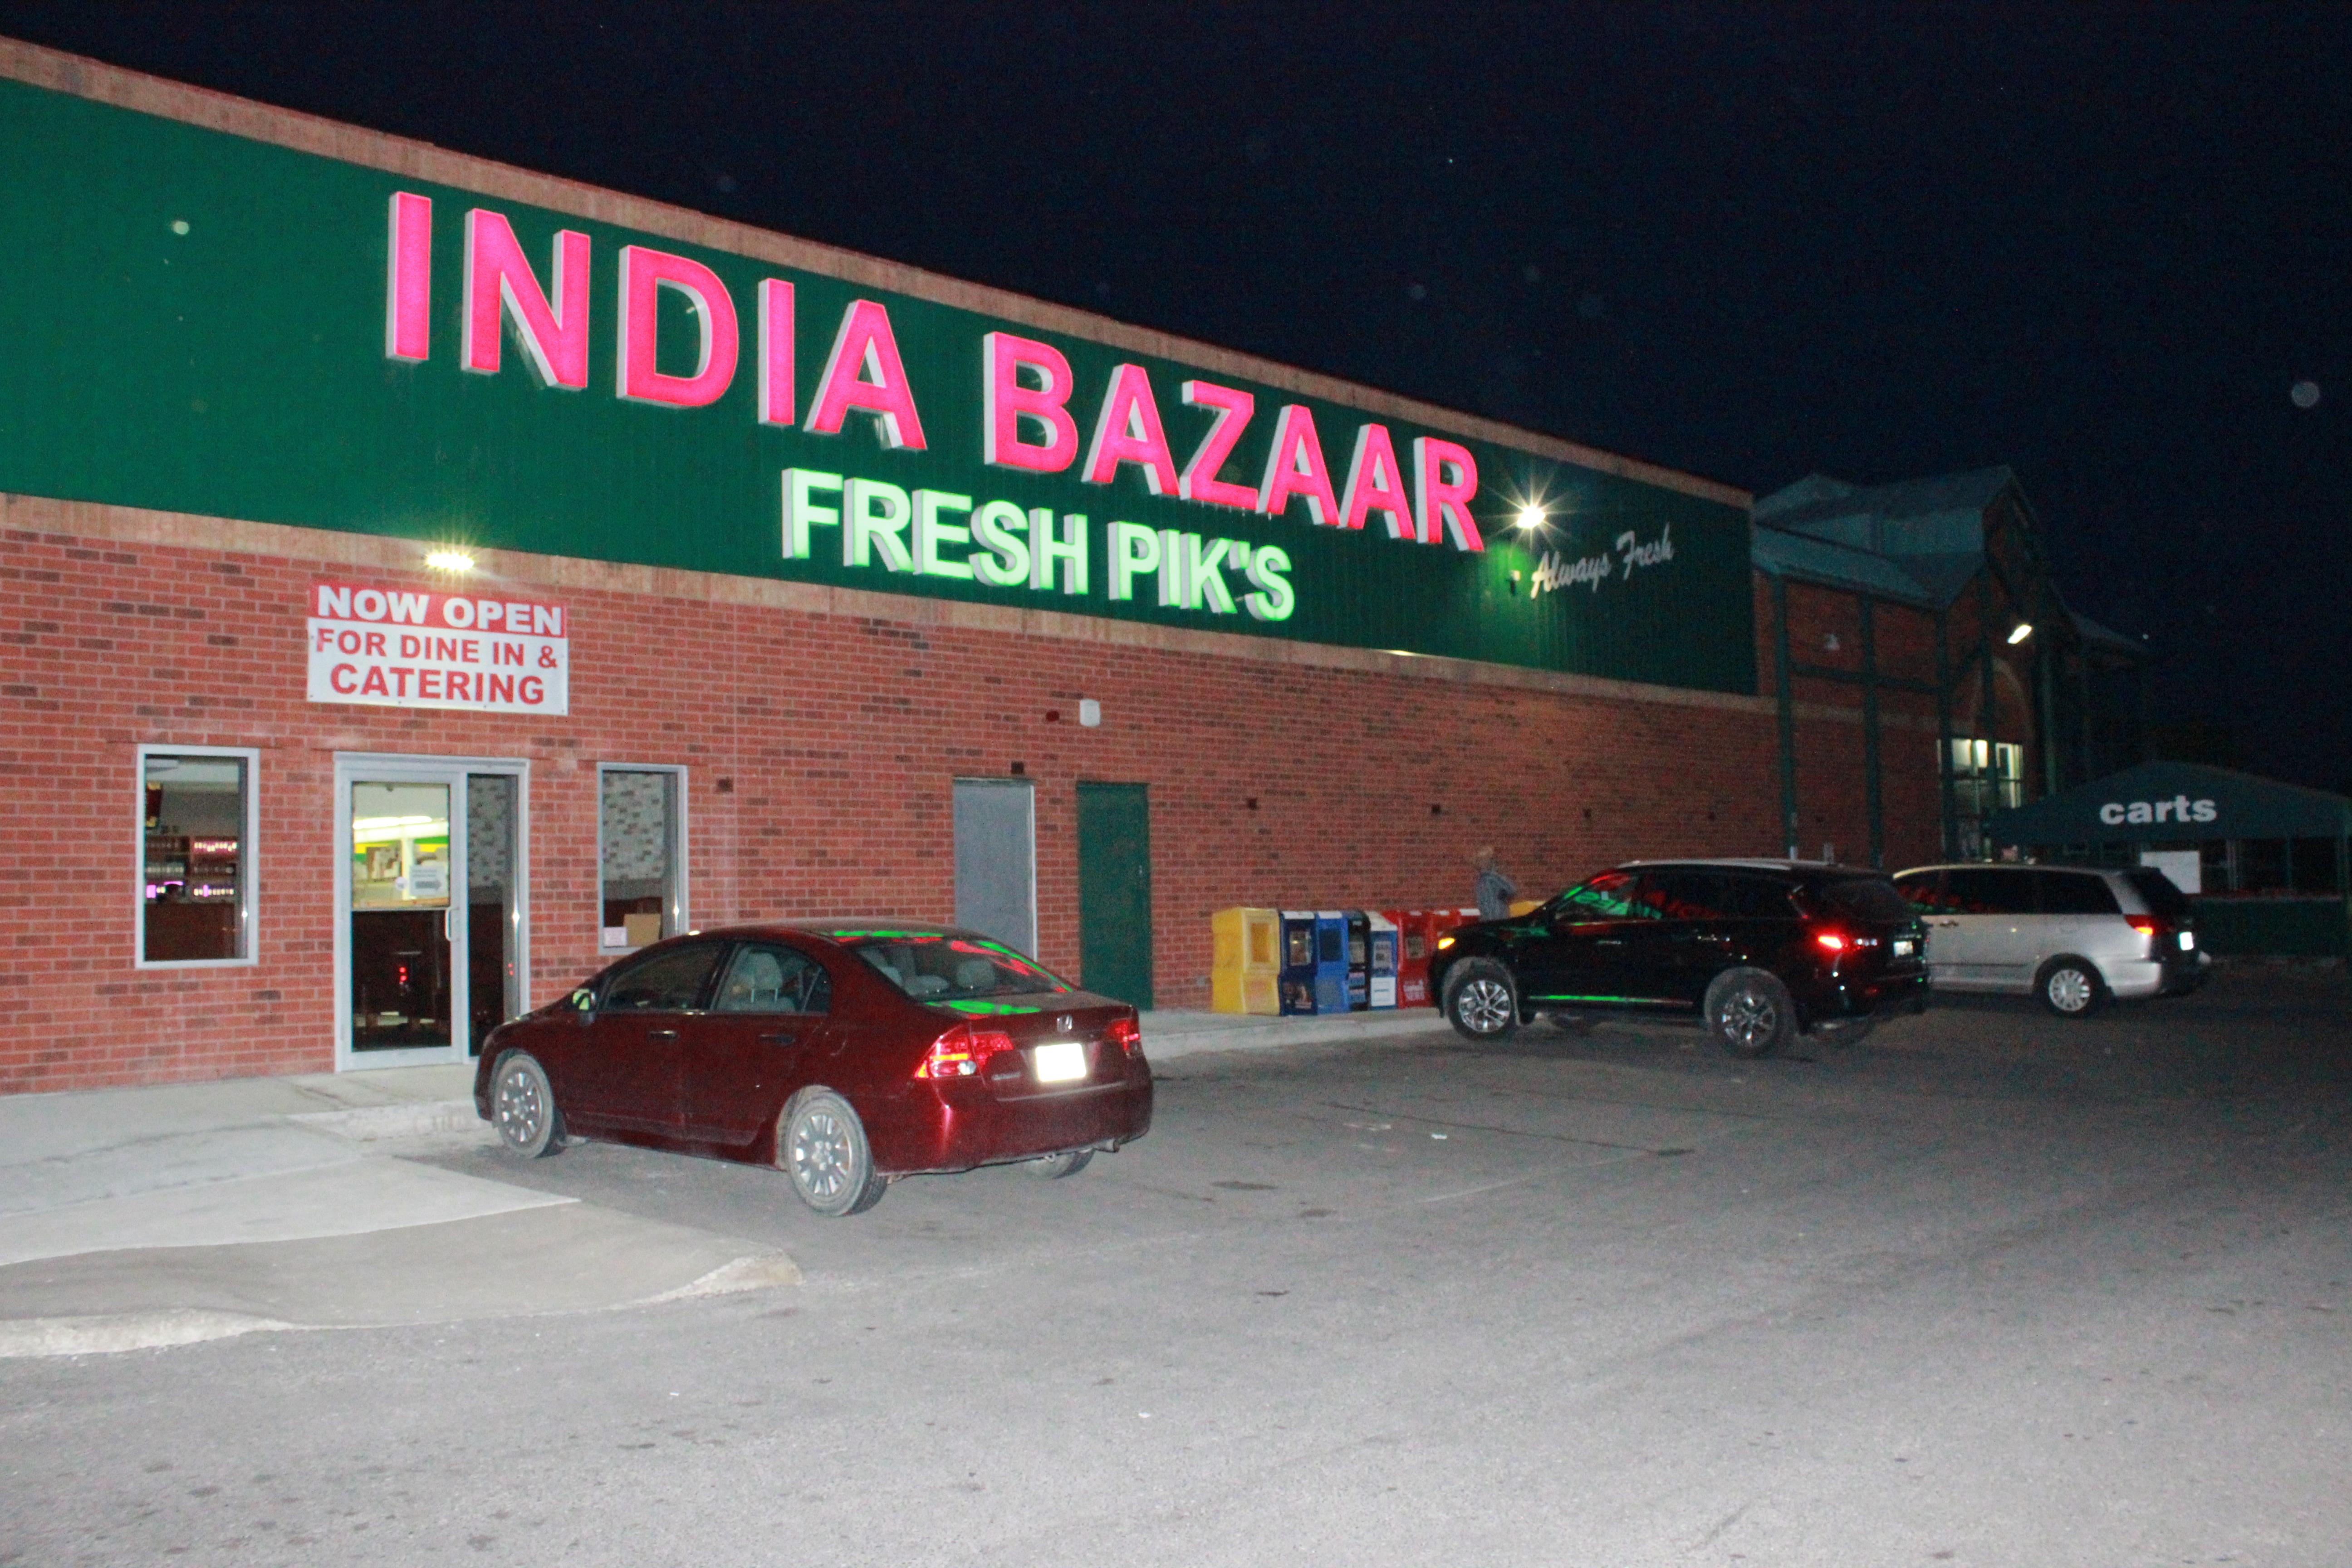 India Bazaar Fresh Pik S